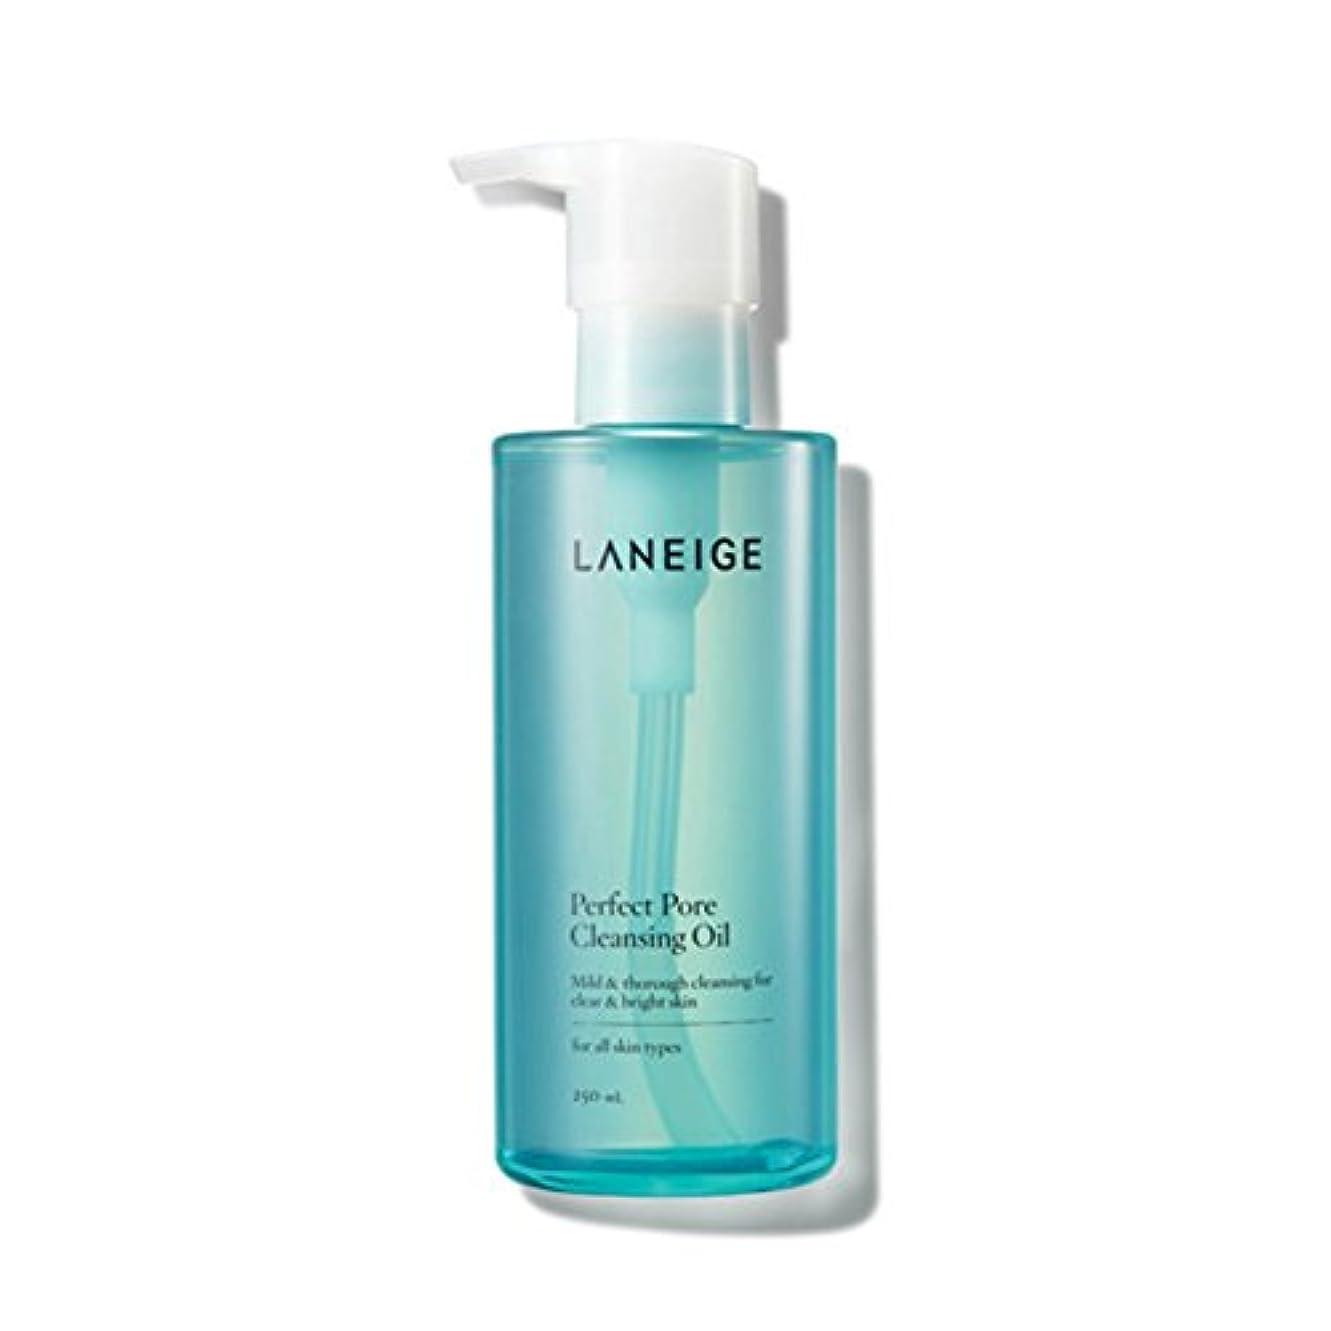 漂流もの発揮する[ラネージュ/ LANEIGE] ラネージュ パーフェクトポア クレンジングオイル 250ml/ Perfect Pore Cleansing Oil +[Sample Gift](海外直送品)